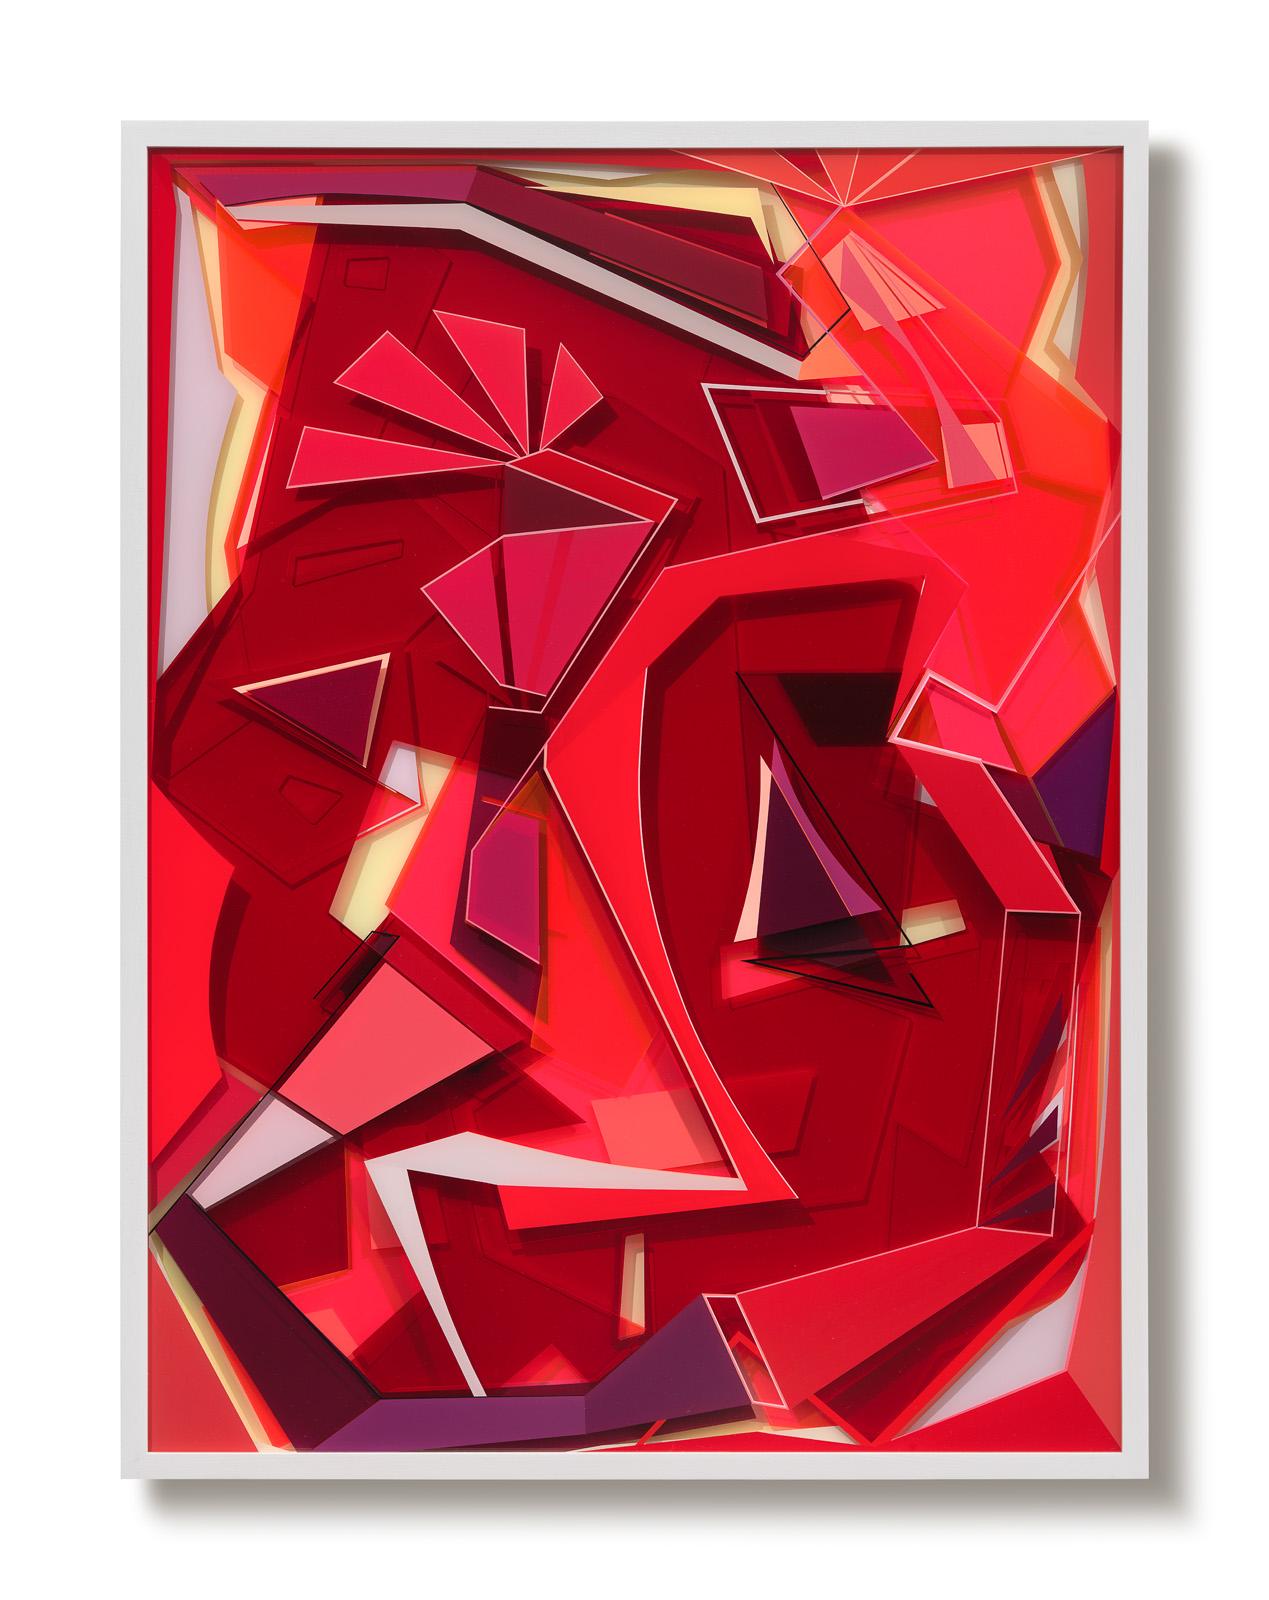 TAKE A WALK, 2017, 100 x 75 cm